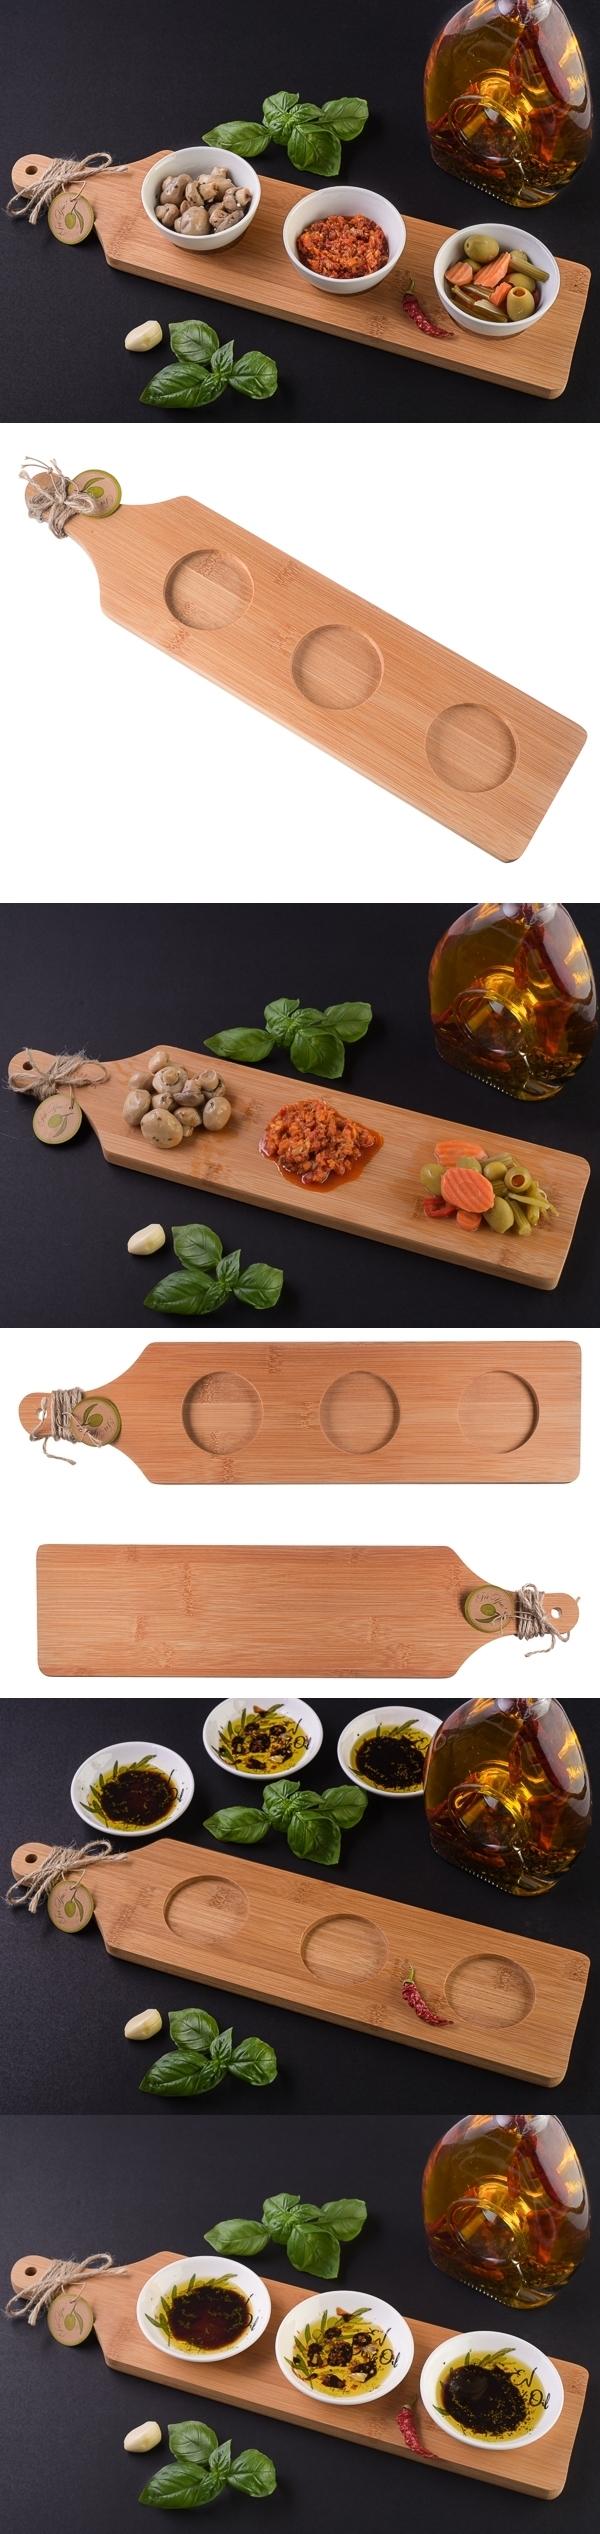 """Artisano Designs """"Saporito"""" Serving Paddle/Appetizer Board"""